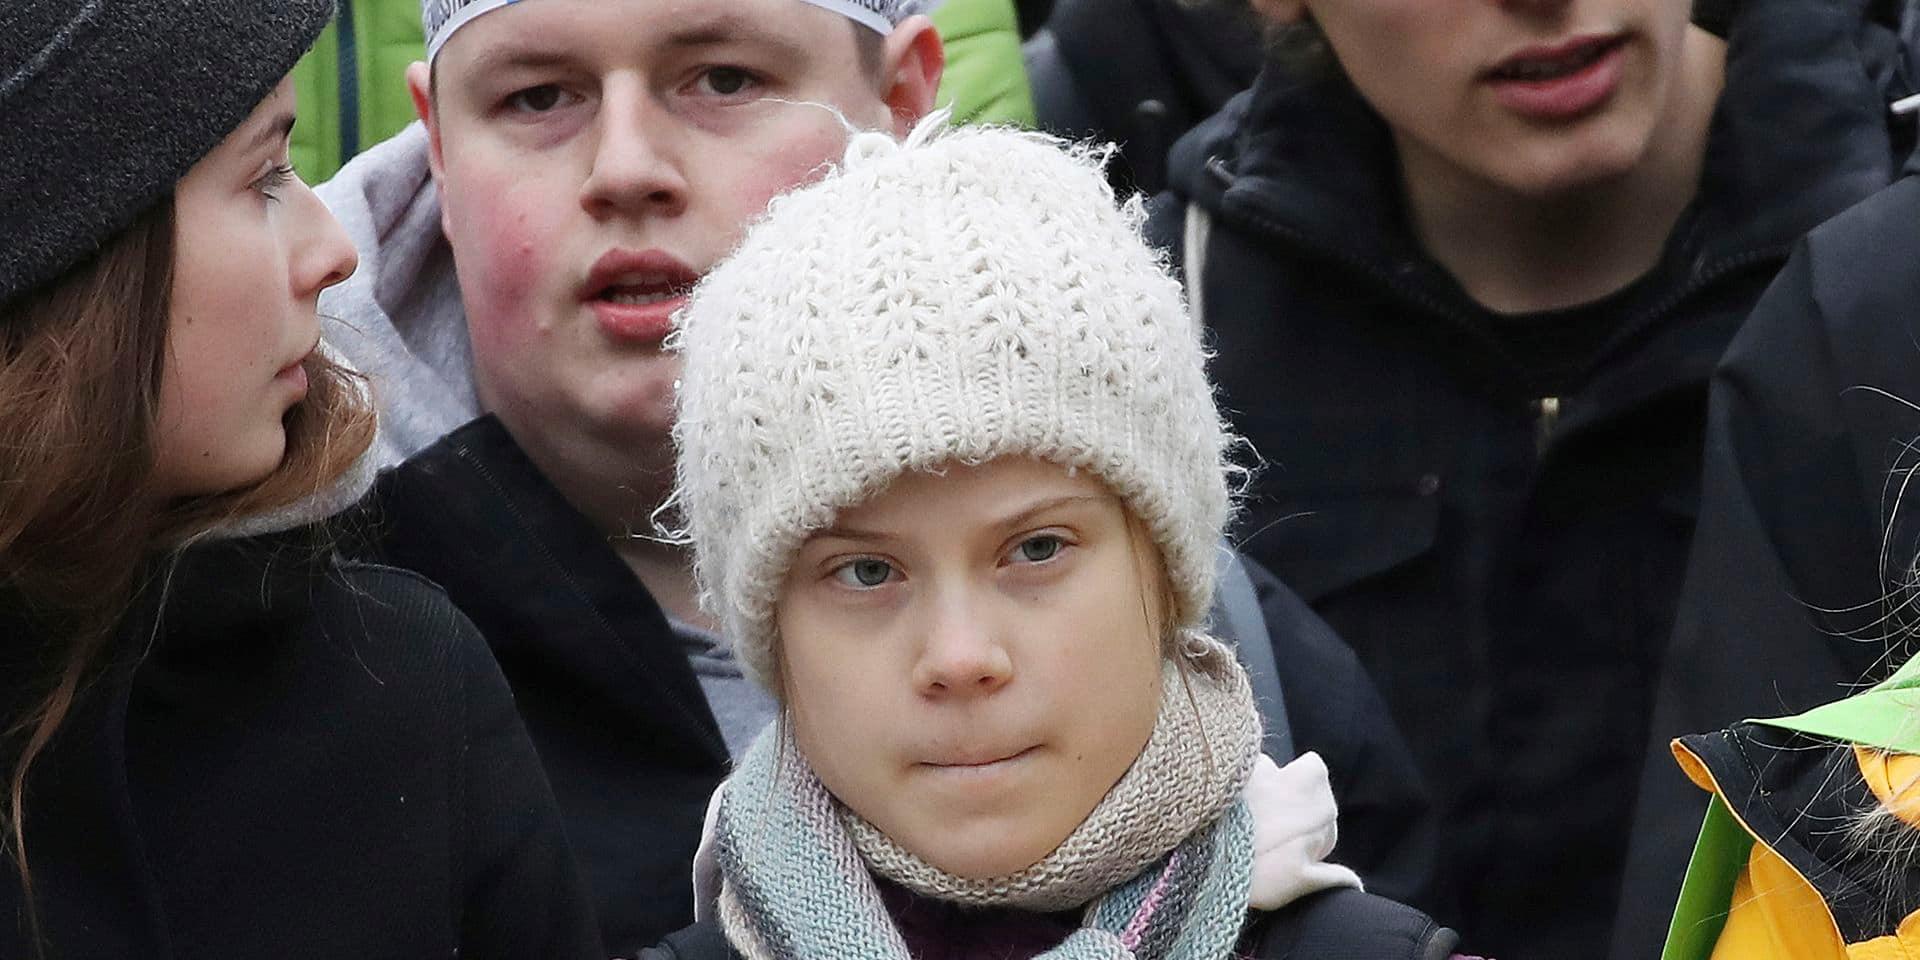 """Greta Thunberg est en deuil: """"C'est l'une des plus belles personnes que j'ai jamais rencontrées"""""""